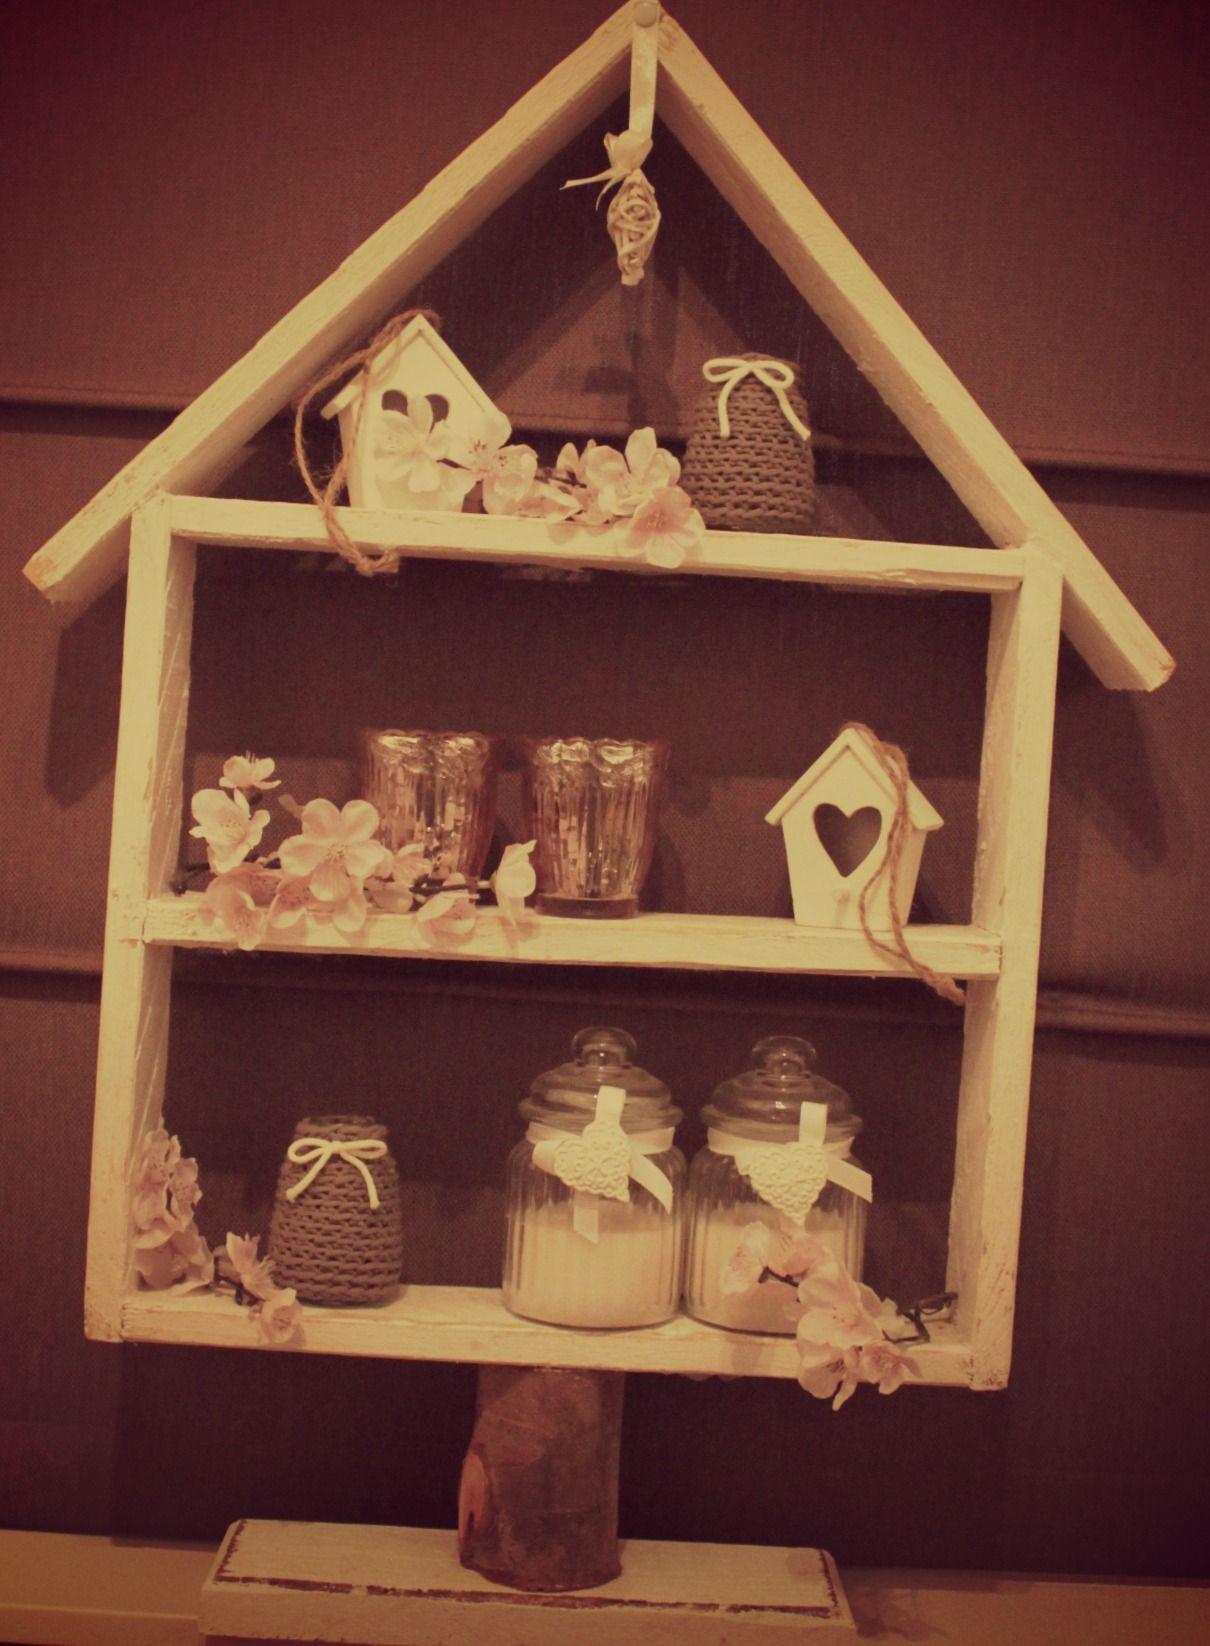 Huisje van steigerhout als romantische decoratie in het raamkozijn.